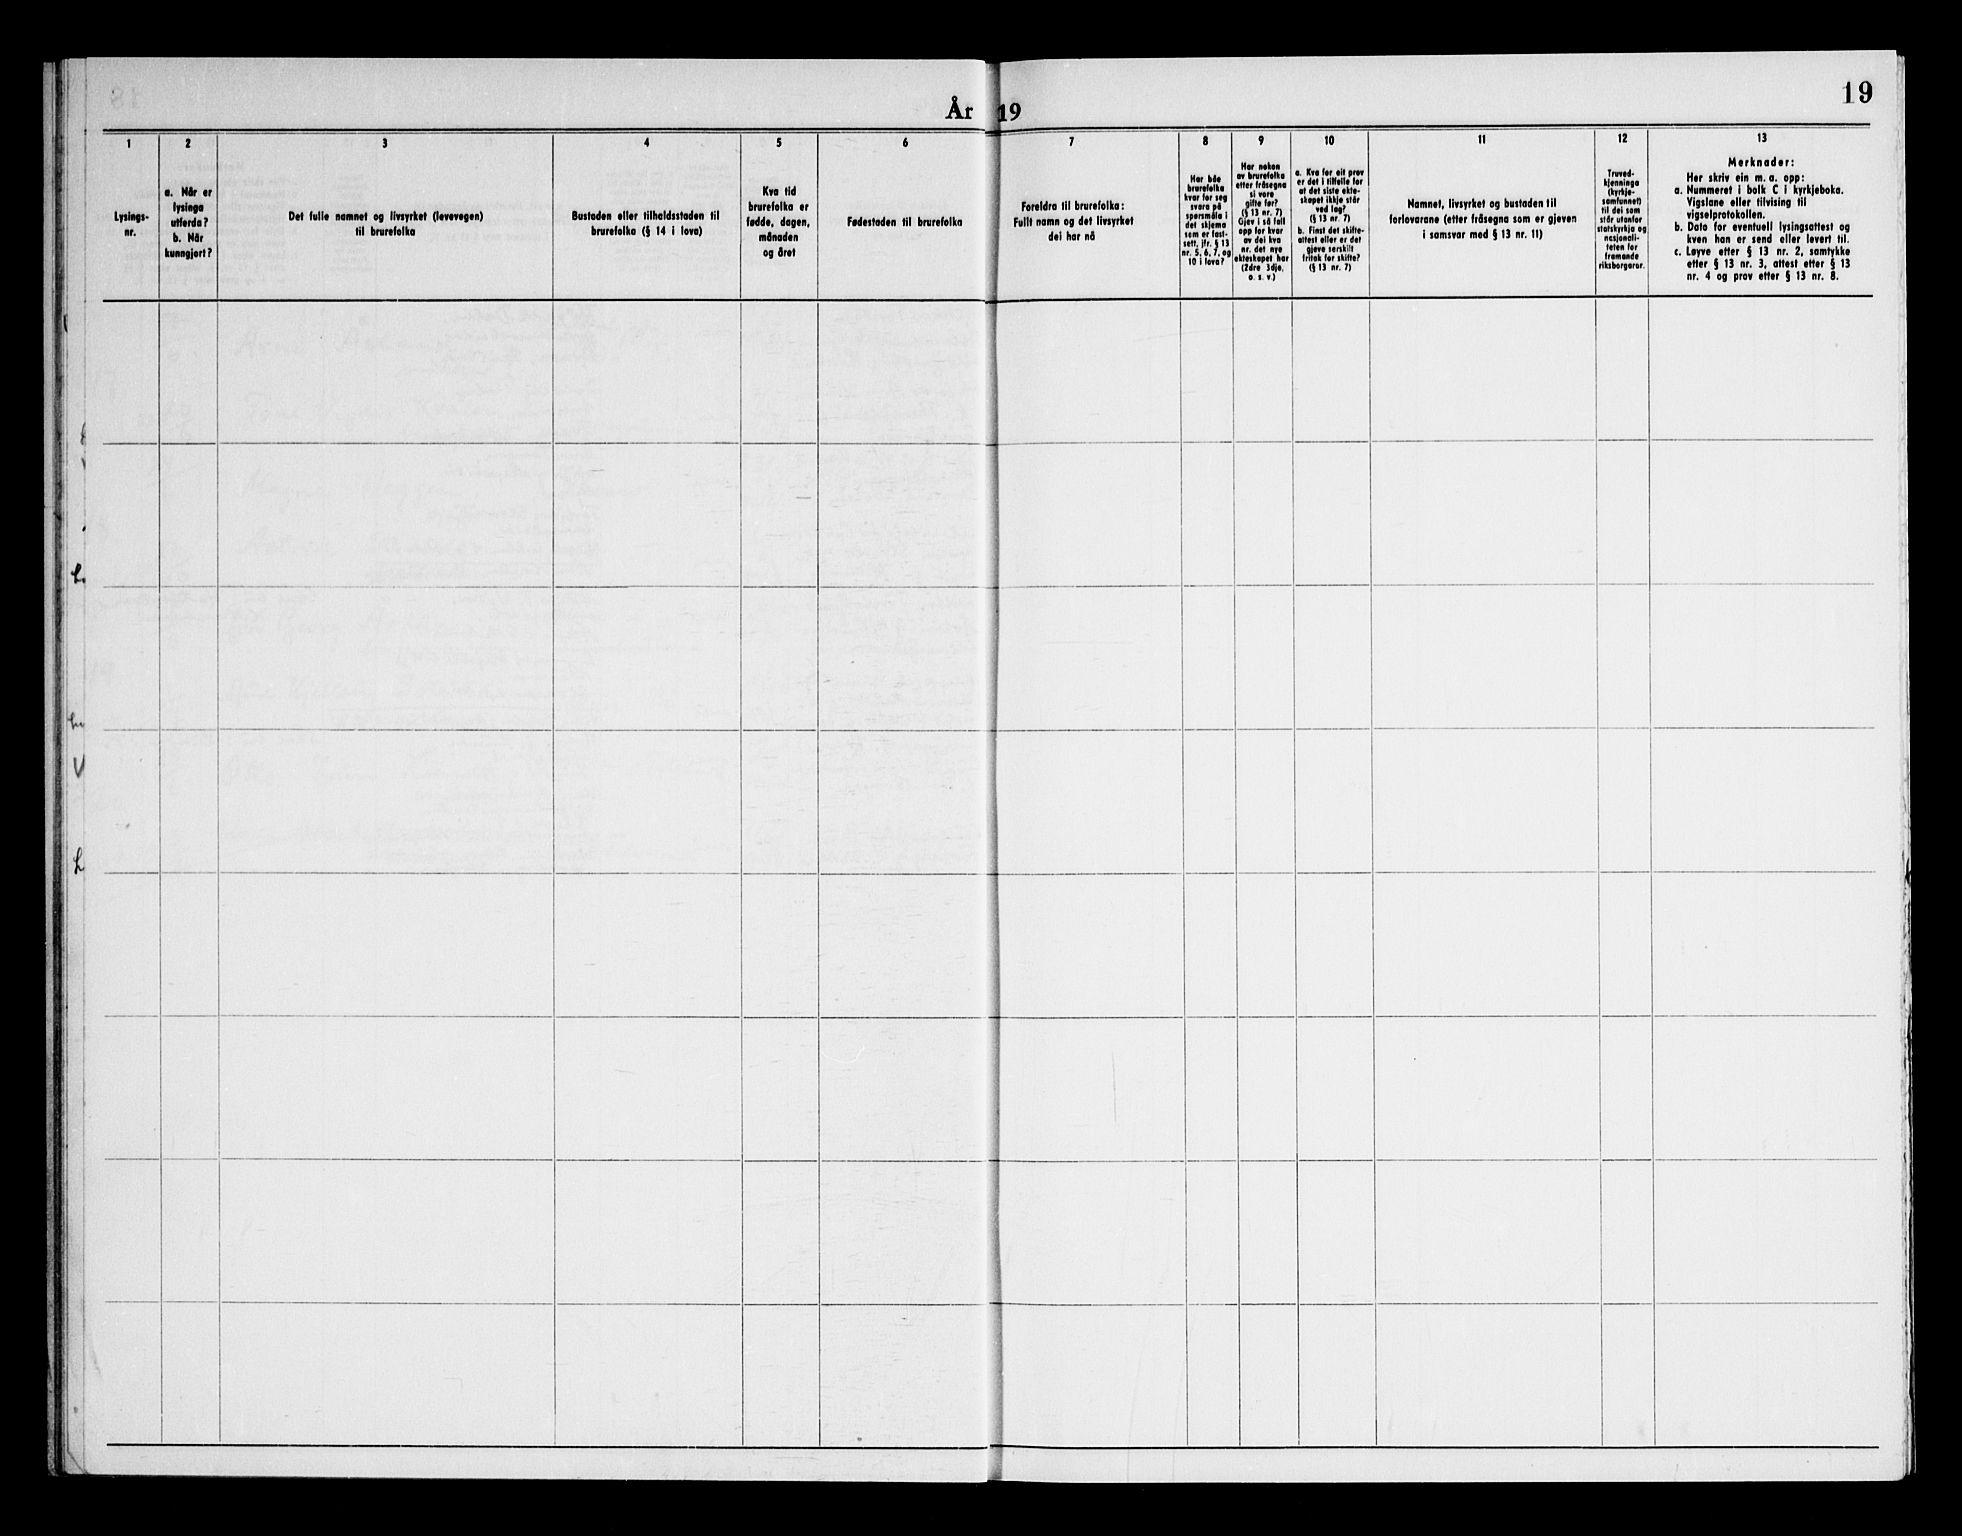 SAKO, Bø kirkebøker, H/Ha/L0002: Lysningsprotokoll nr. 2, 1964-1969, s. 19